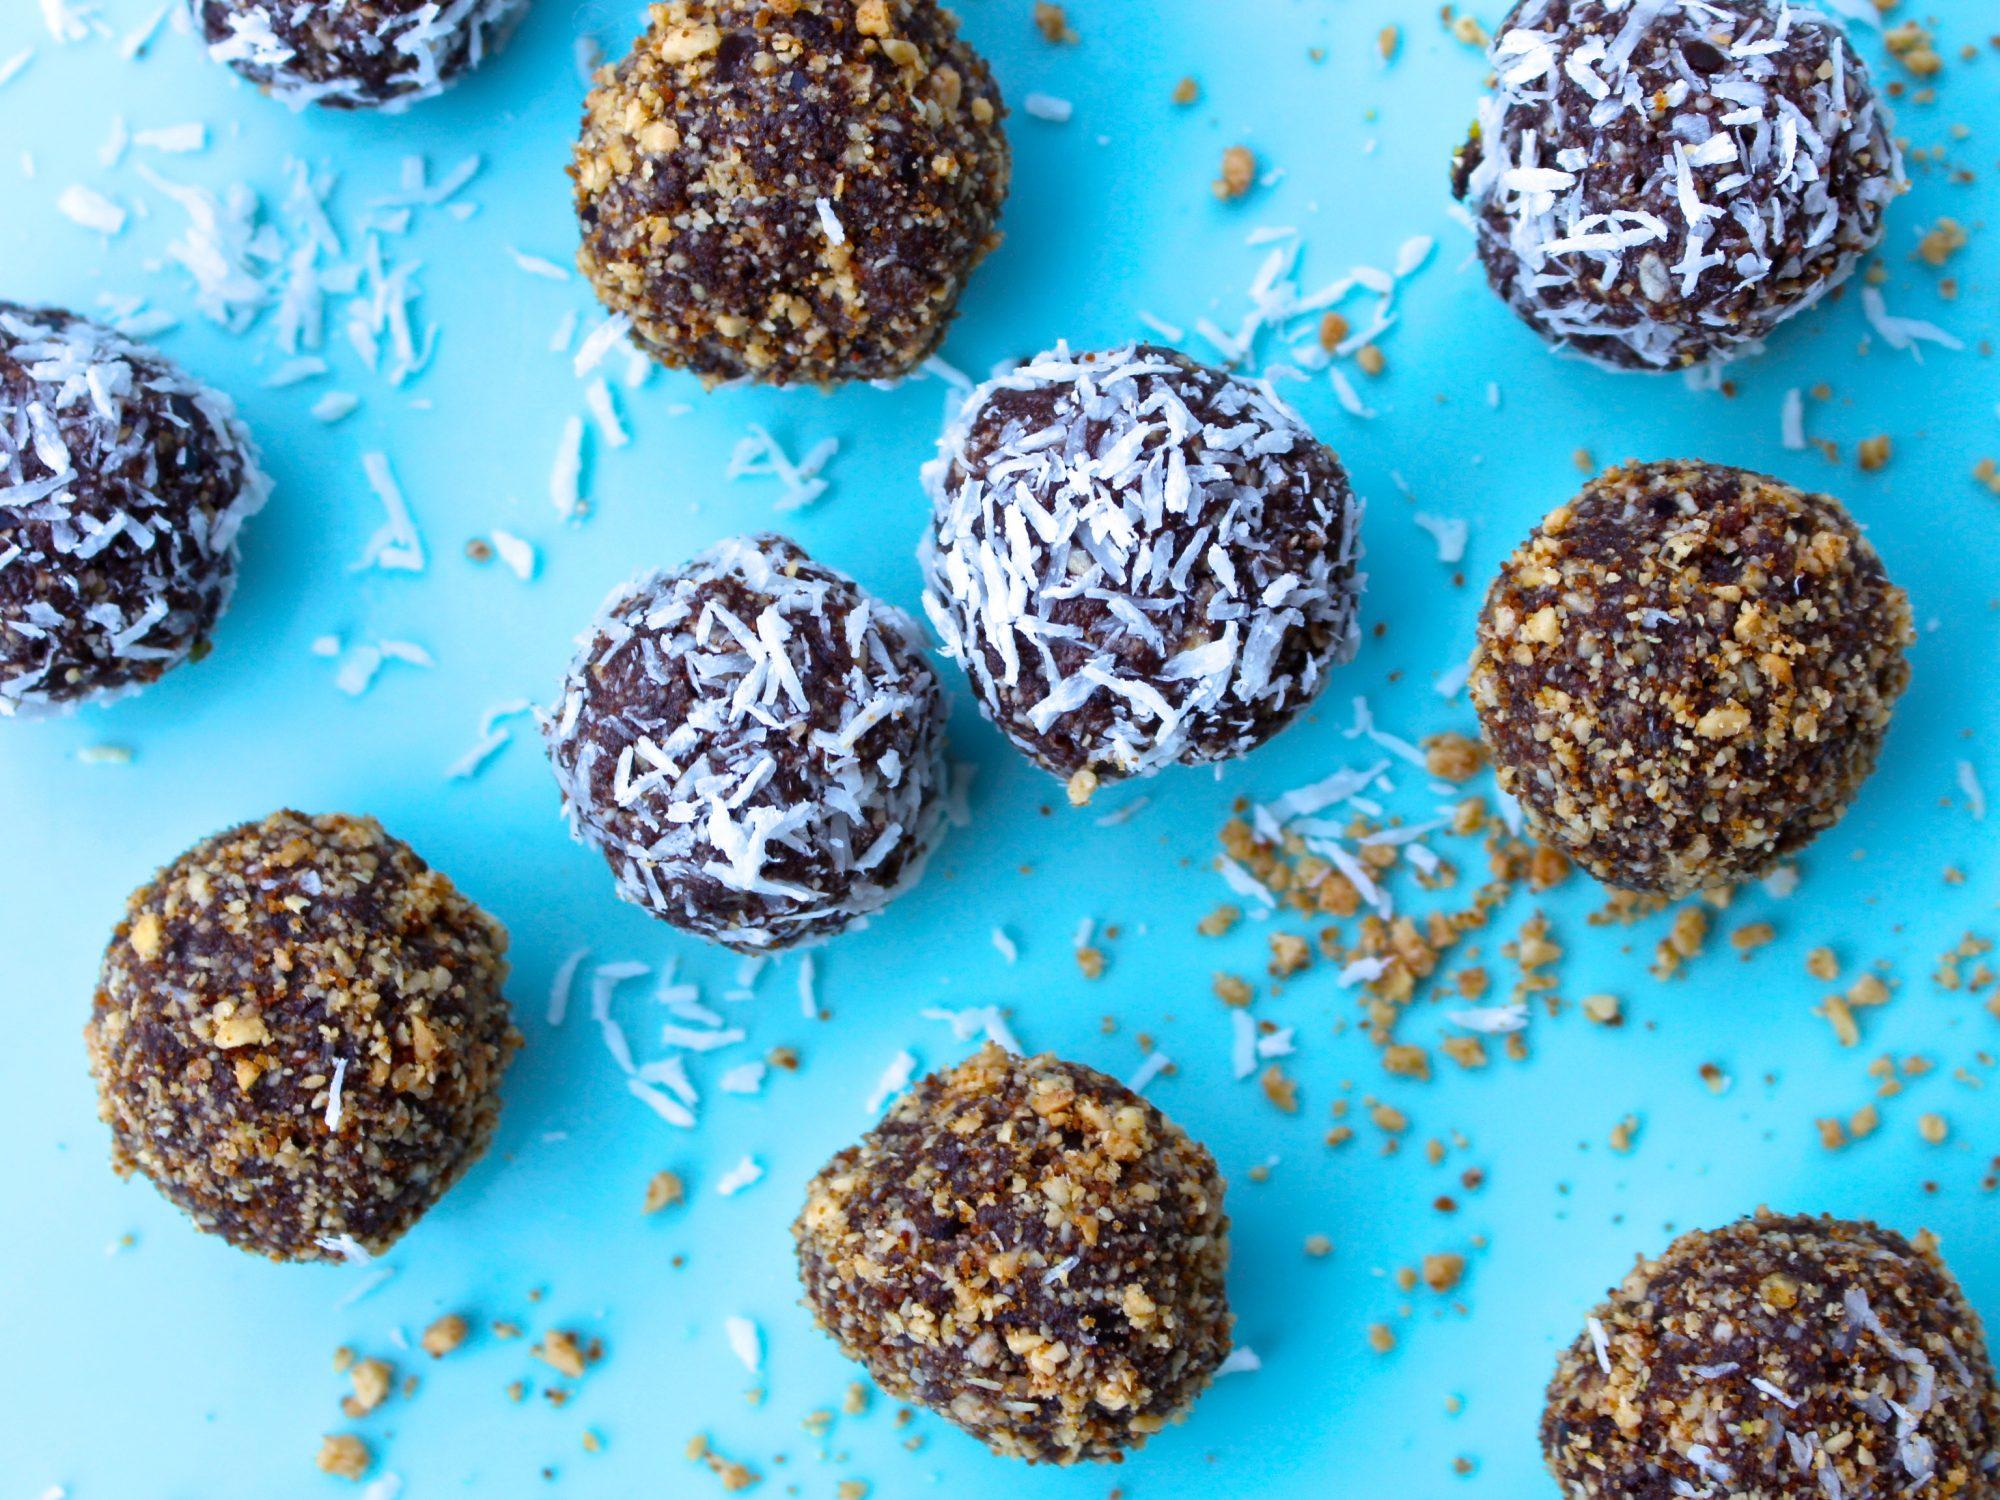 är chokladbollar glutenfria